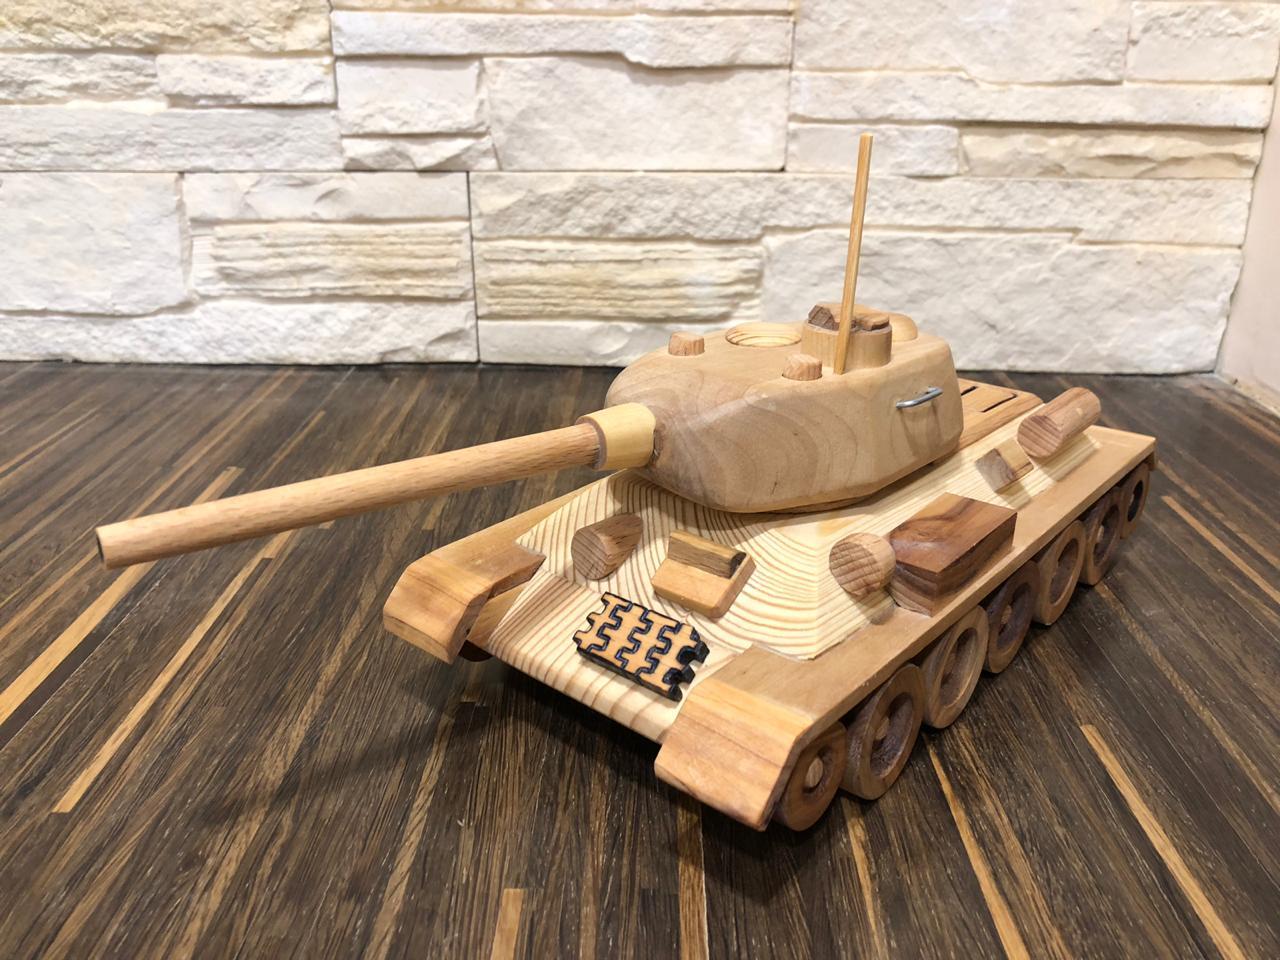 Т-34 85 ручной работы в подарок на 23 февраля 2019 г.